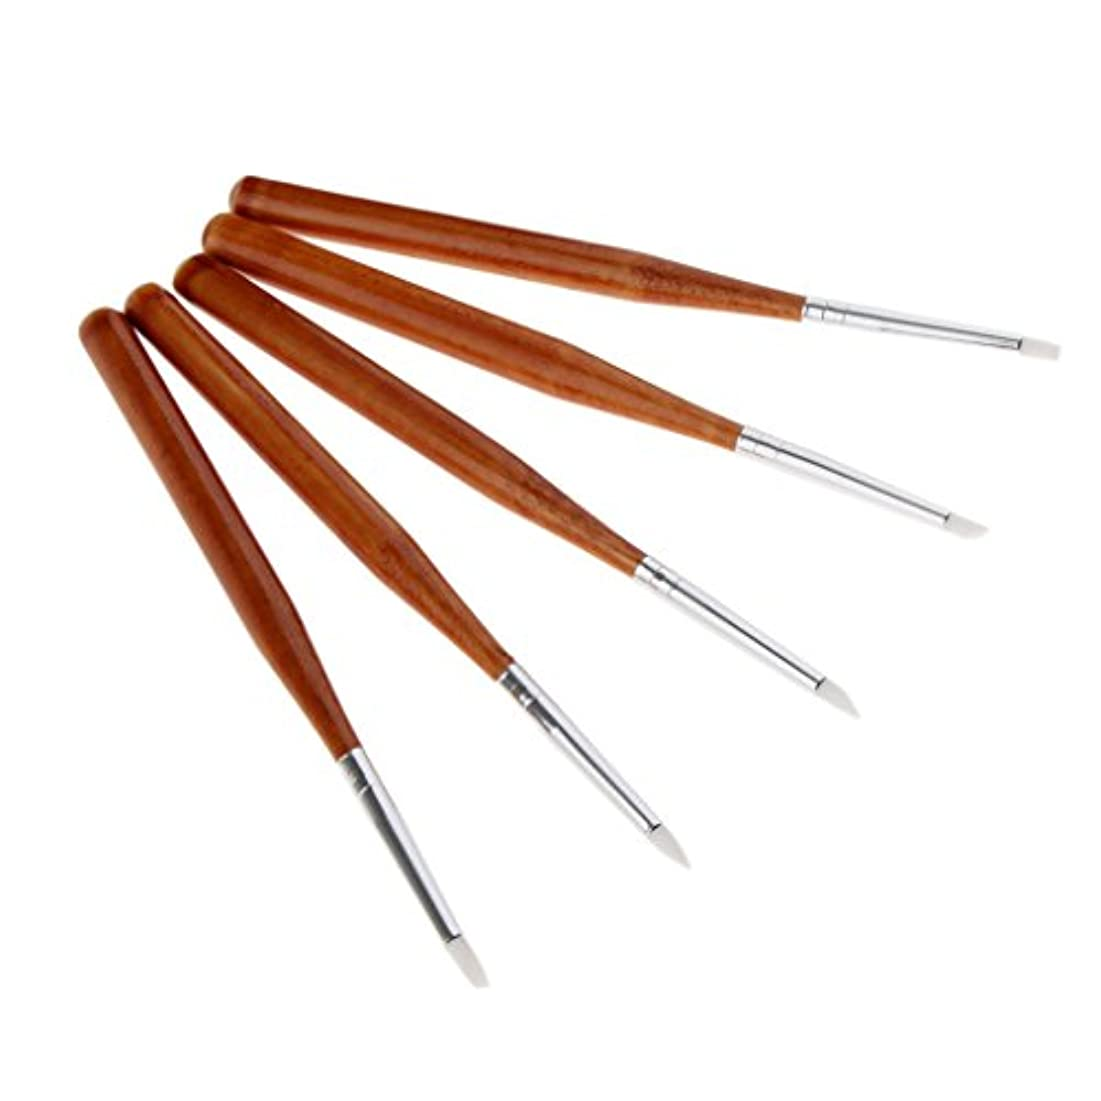 入場絶望的な黒人T TOOYFUL 5本 ネールアートペン ネールブラシ ネイルブラシ ネイル筆 ネイル用品 ネイルサロン 全3サイズ - 13cm